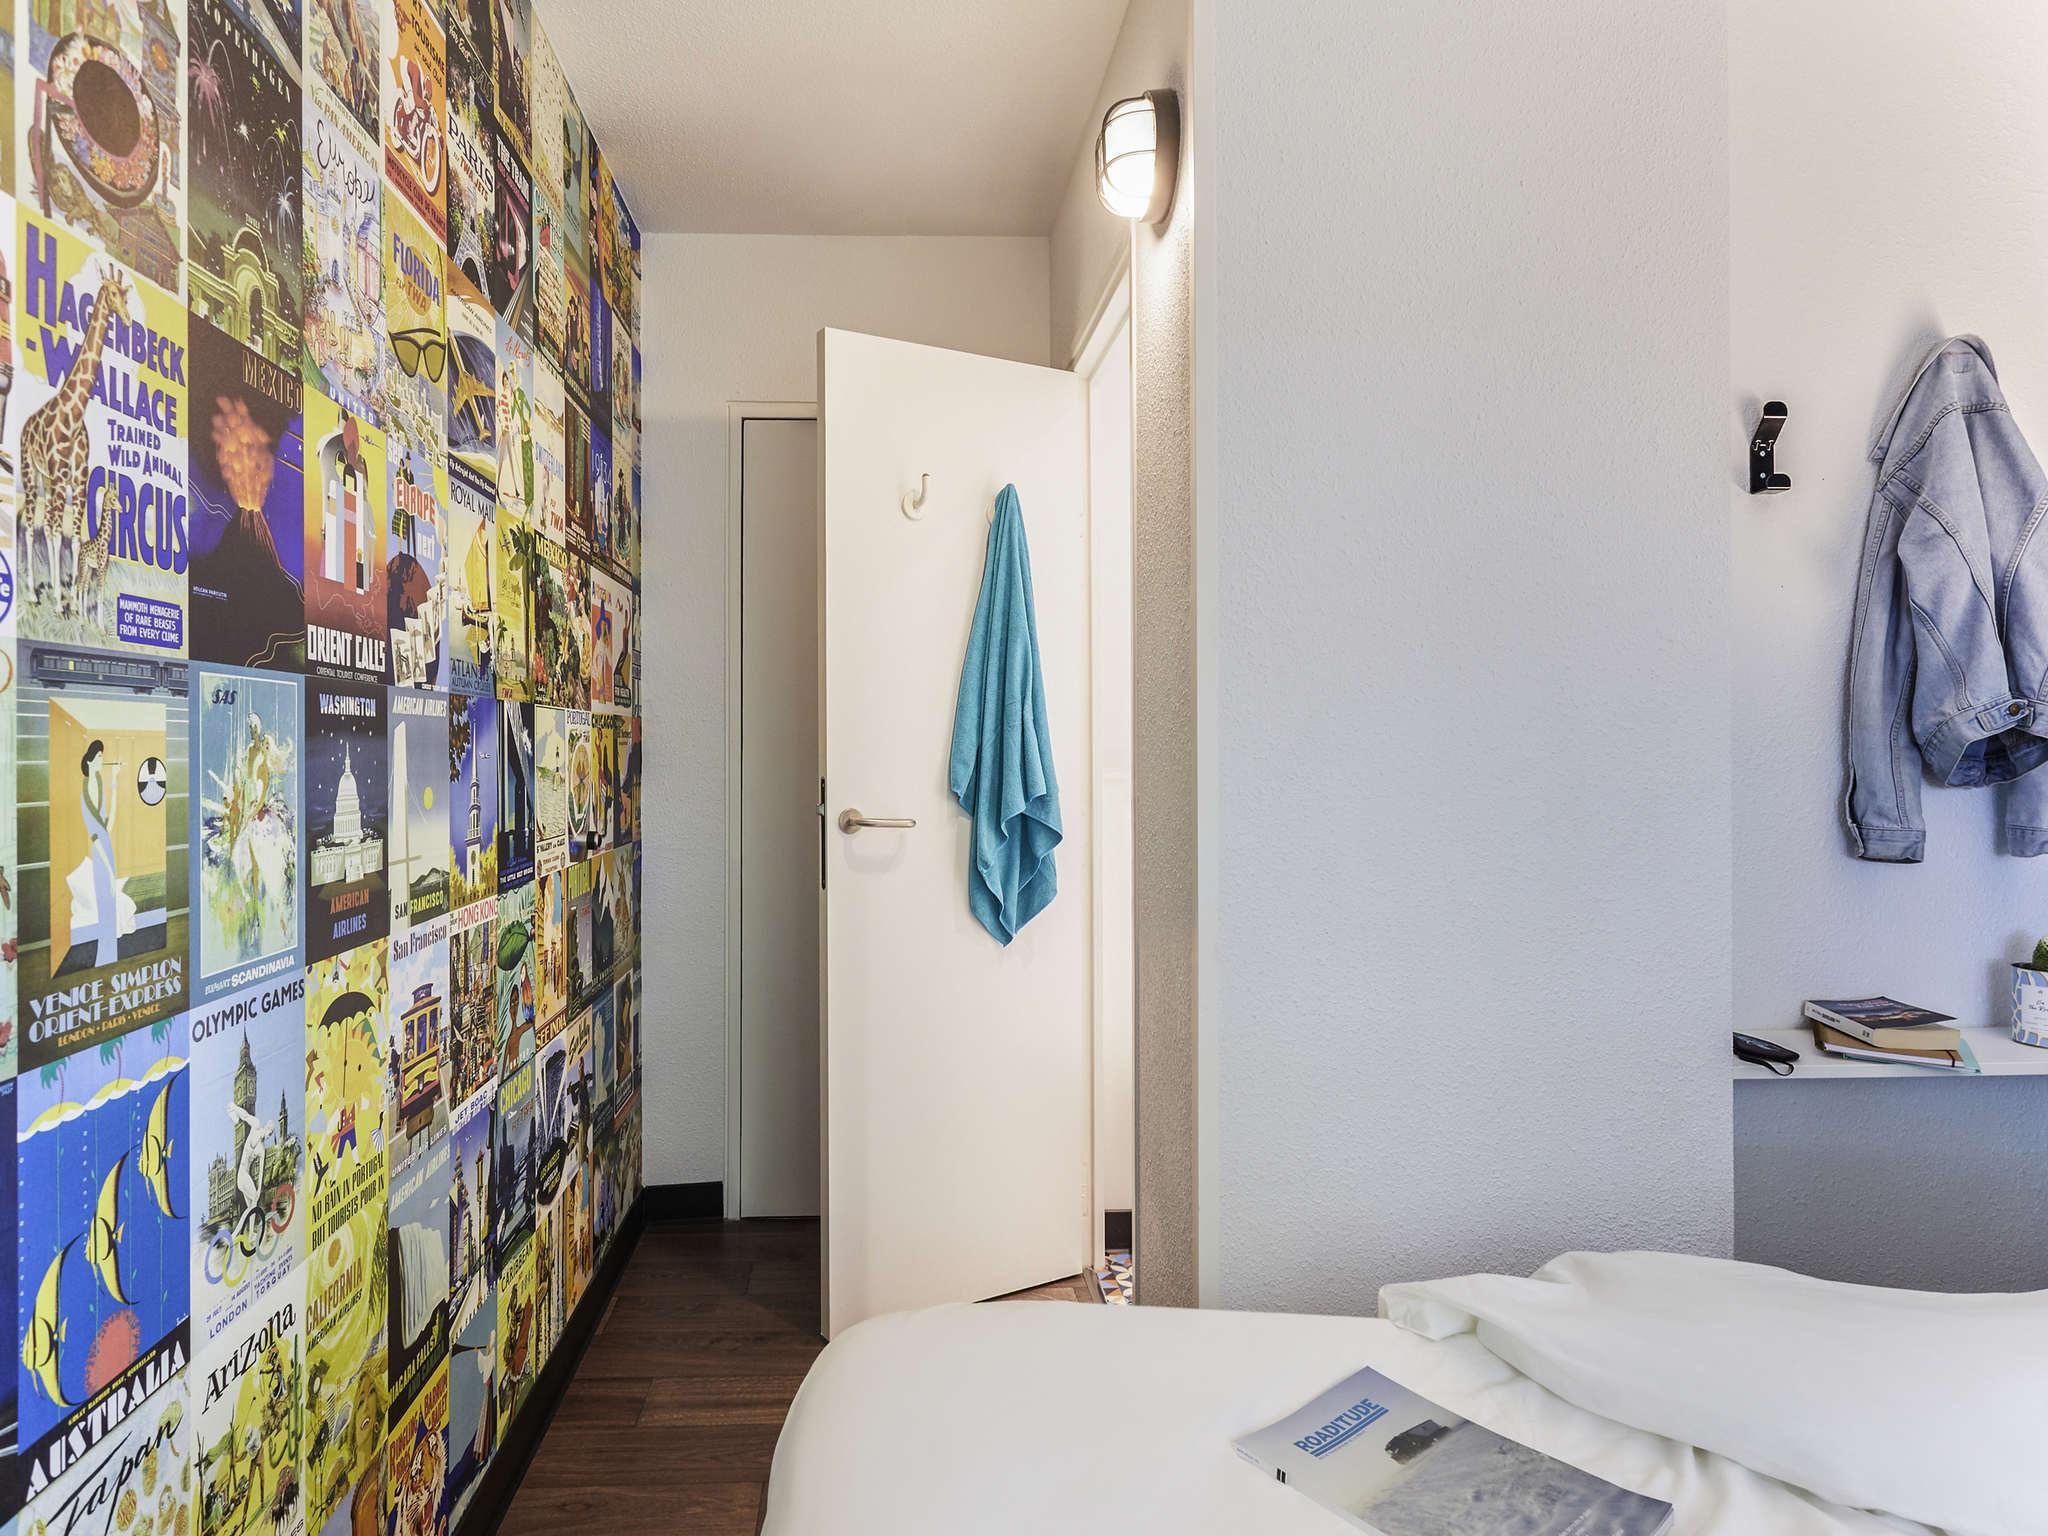 Hotel – hotelF1 Clermont Ferrand Est